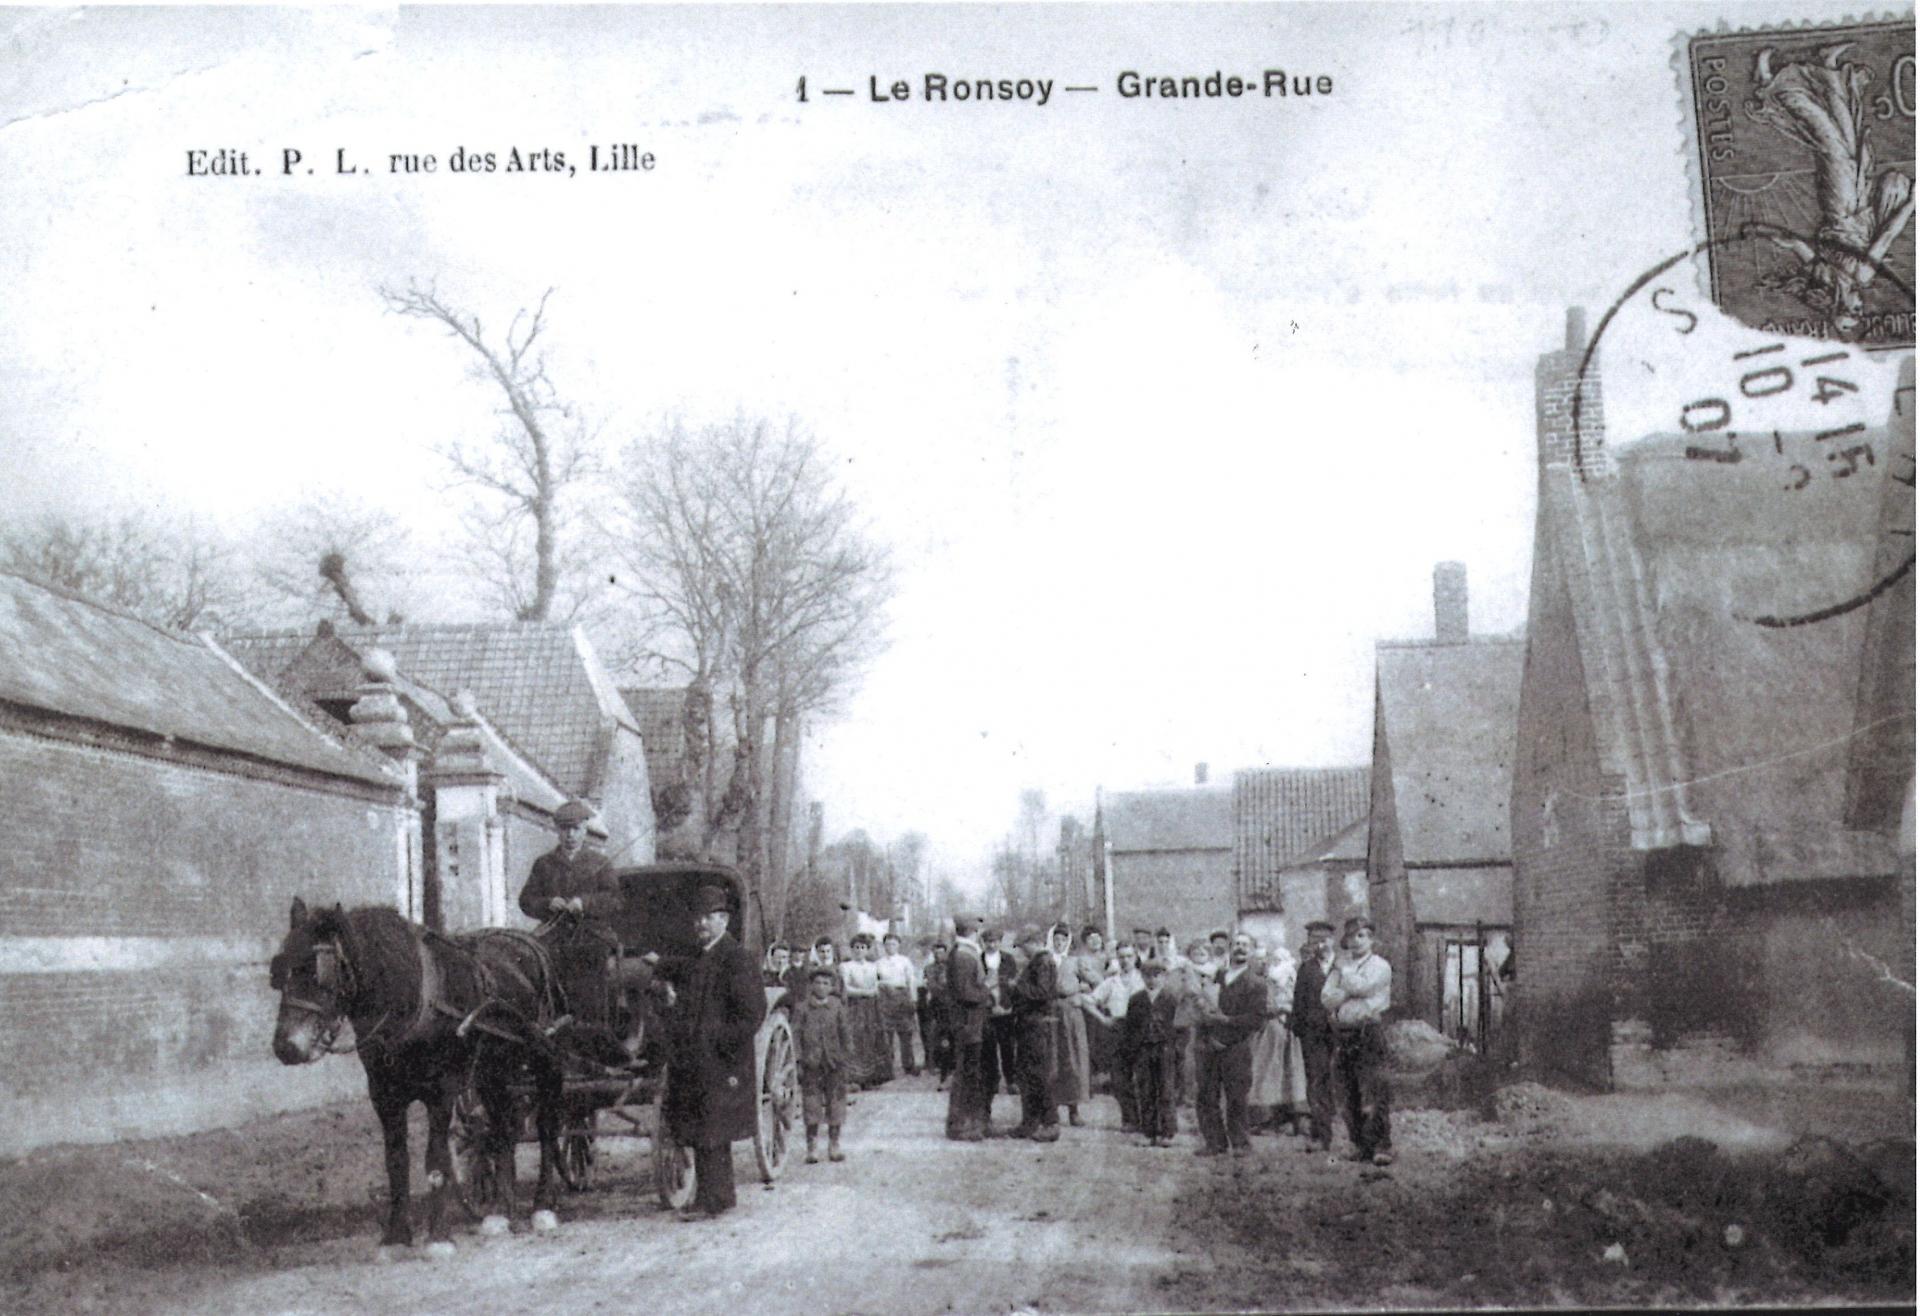 Grande-Rue